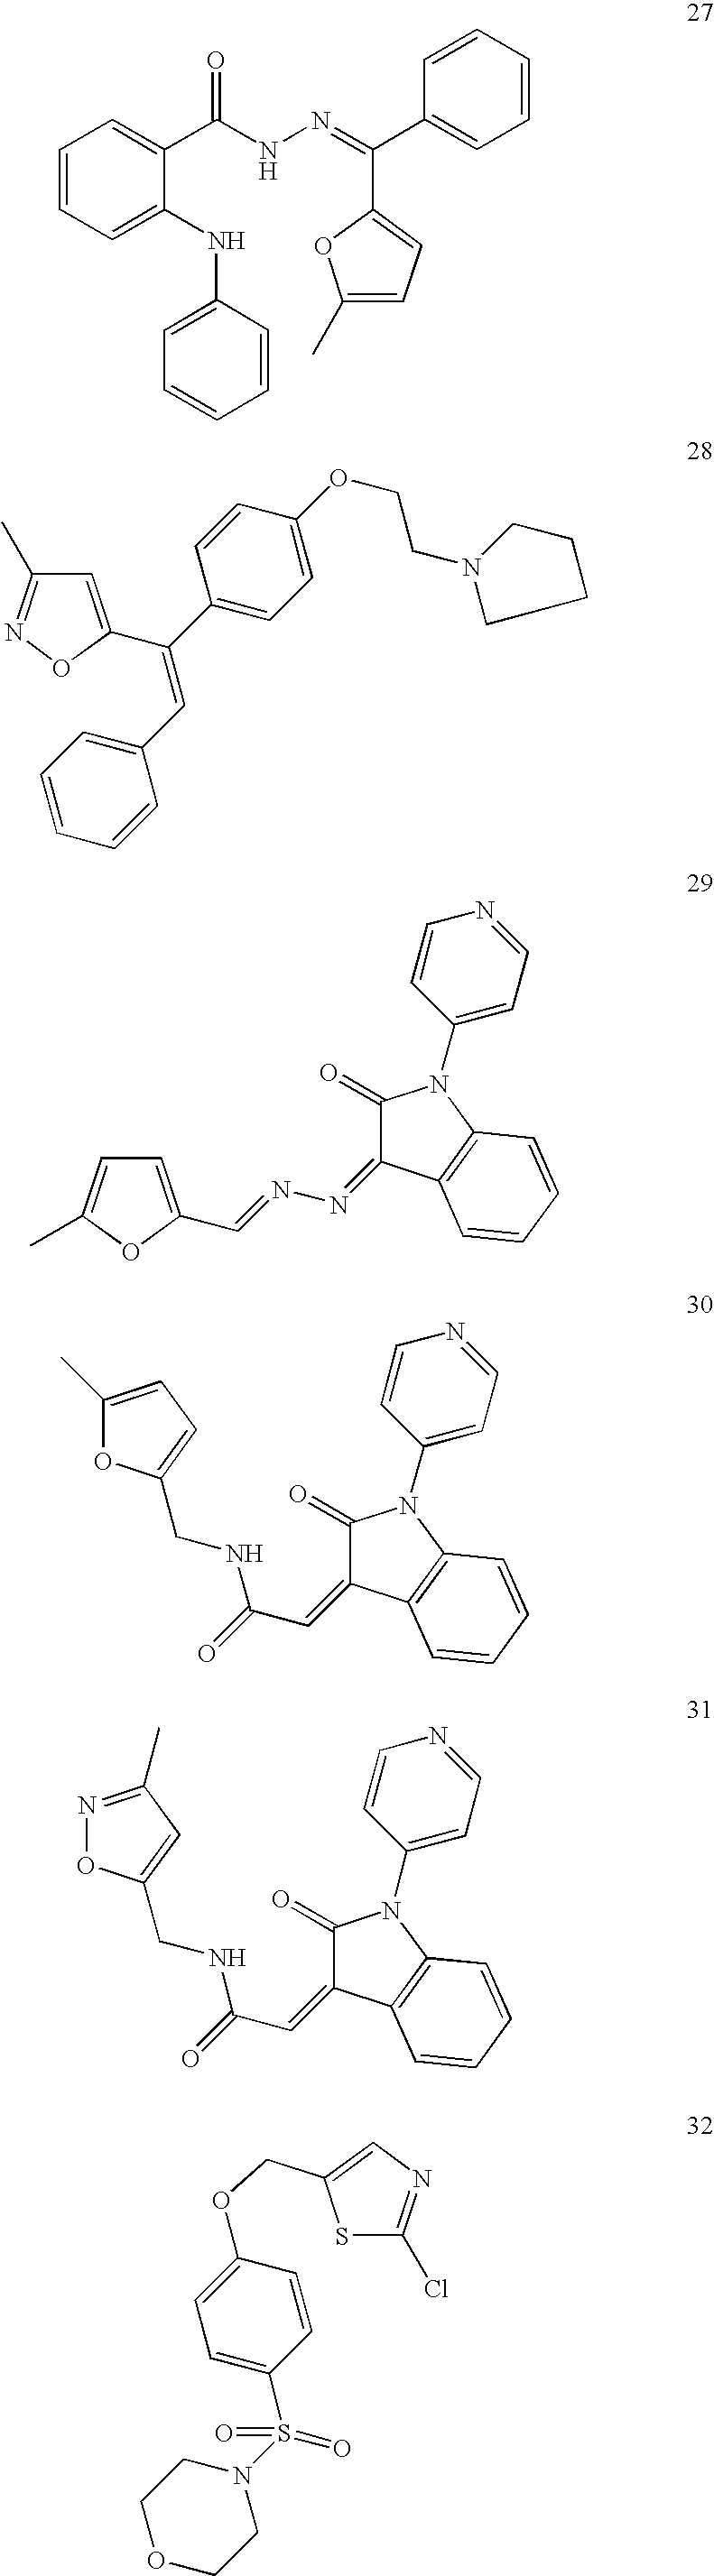 Figure US20040204477A1-20041014-C00013